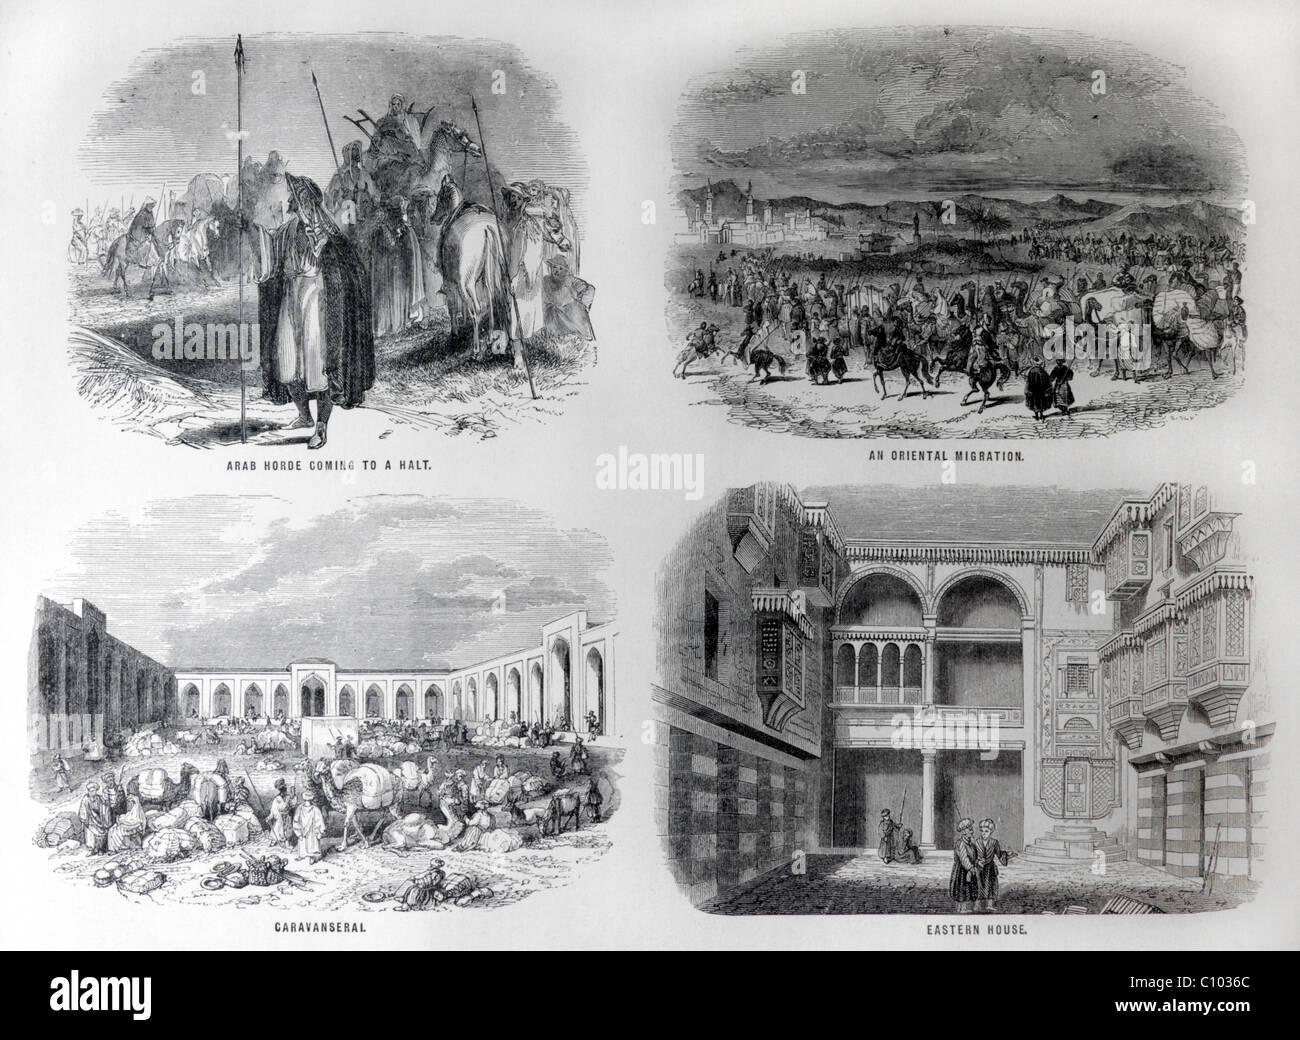 La Bibbia le illustrazioni dei cavalli arabi provenienti da un arresto, una migrazione orientali, Caravanseral e Immagini Stock